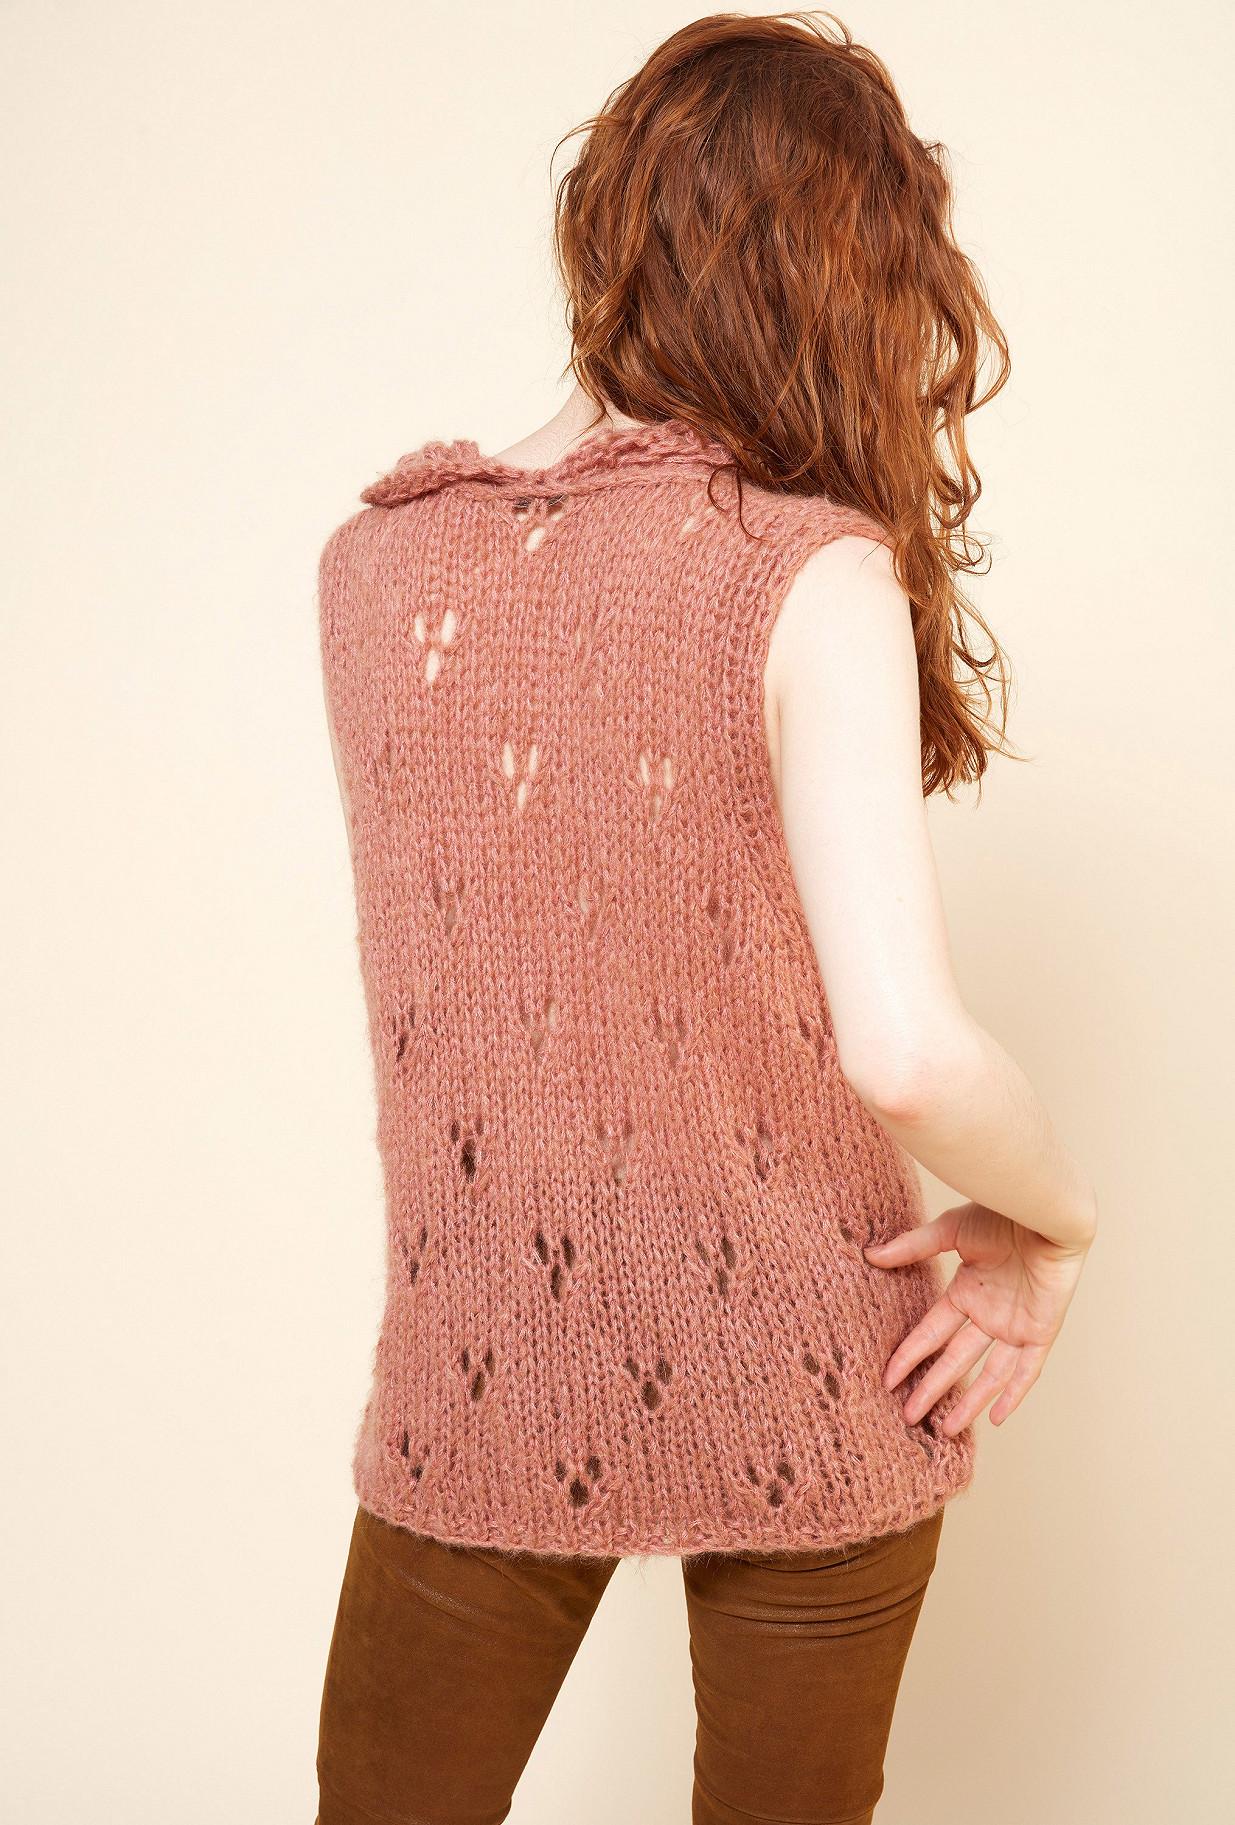 Nude  Knit  Frilou Mes demoiselles fashion clothes designer Paris